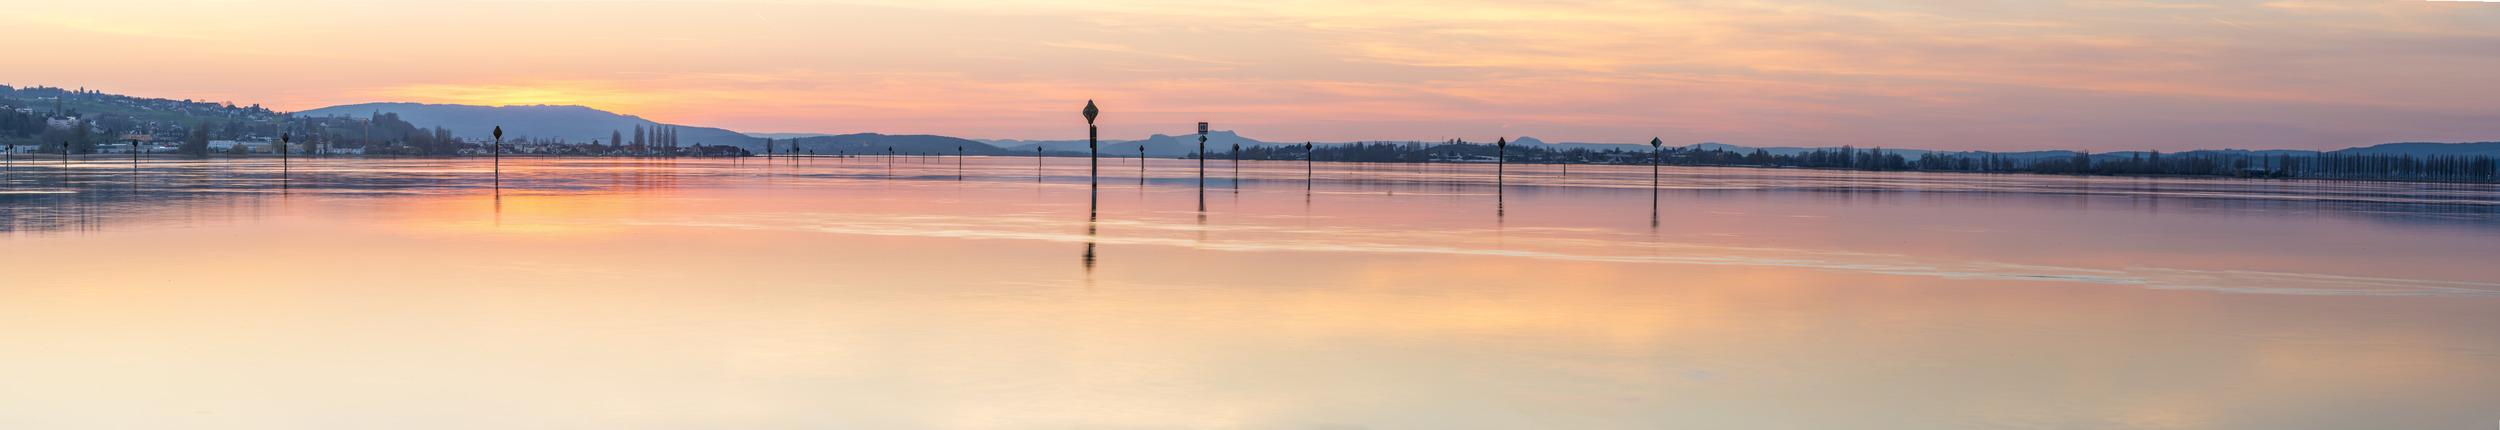 GOLDENER SEERHEIN - Schöne Landschaft Bilder kaufen | Stimmungs Foto als Fineart by Stefan Somogyi Fotografie